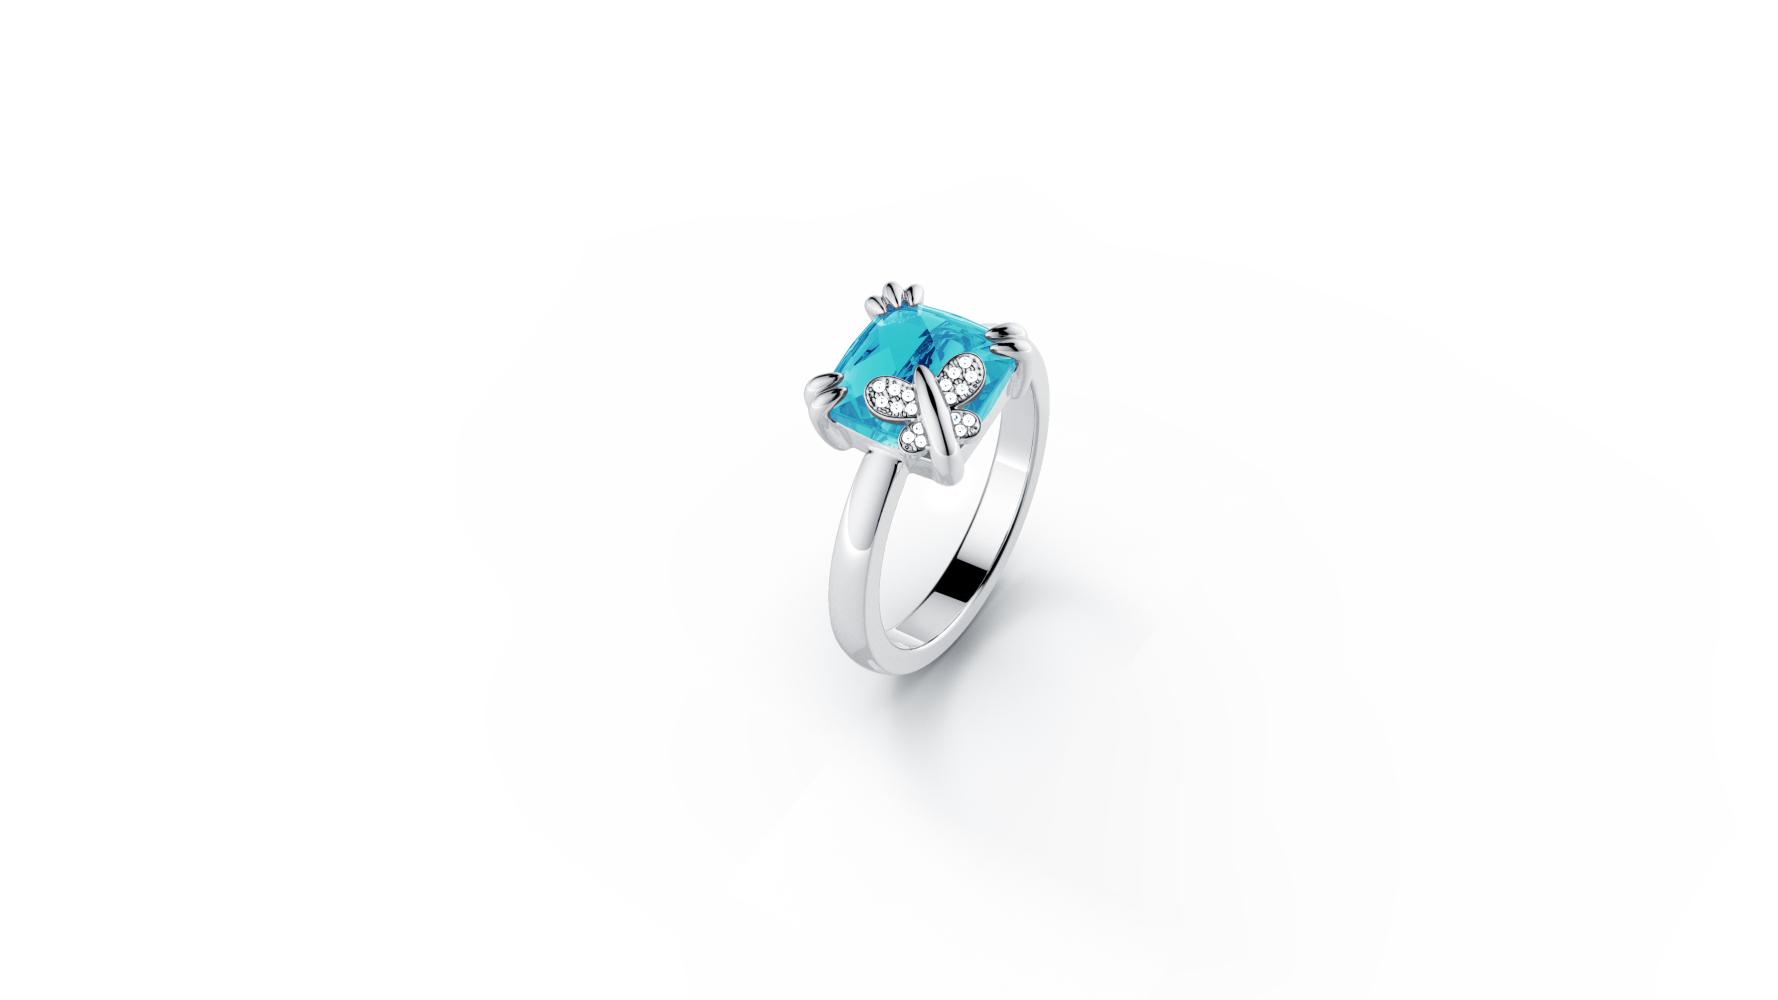 Zlatni prsten s briljantima i topazom_Zaks_ 4.237,50 kn(3)